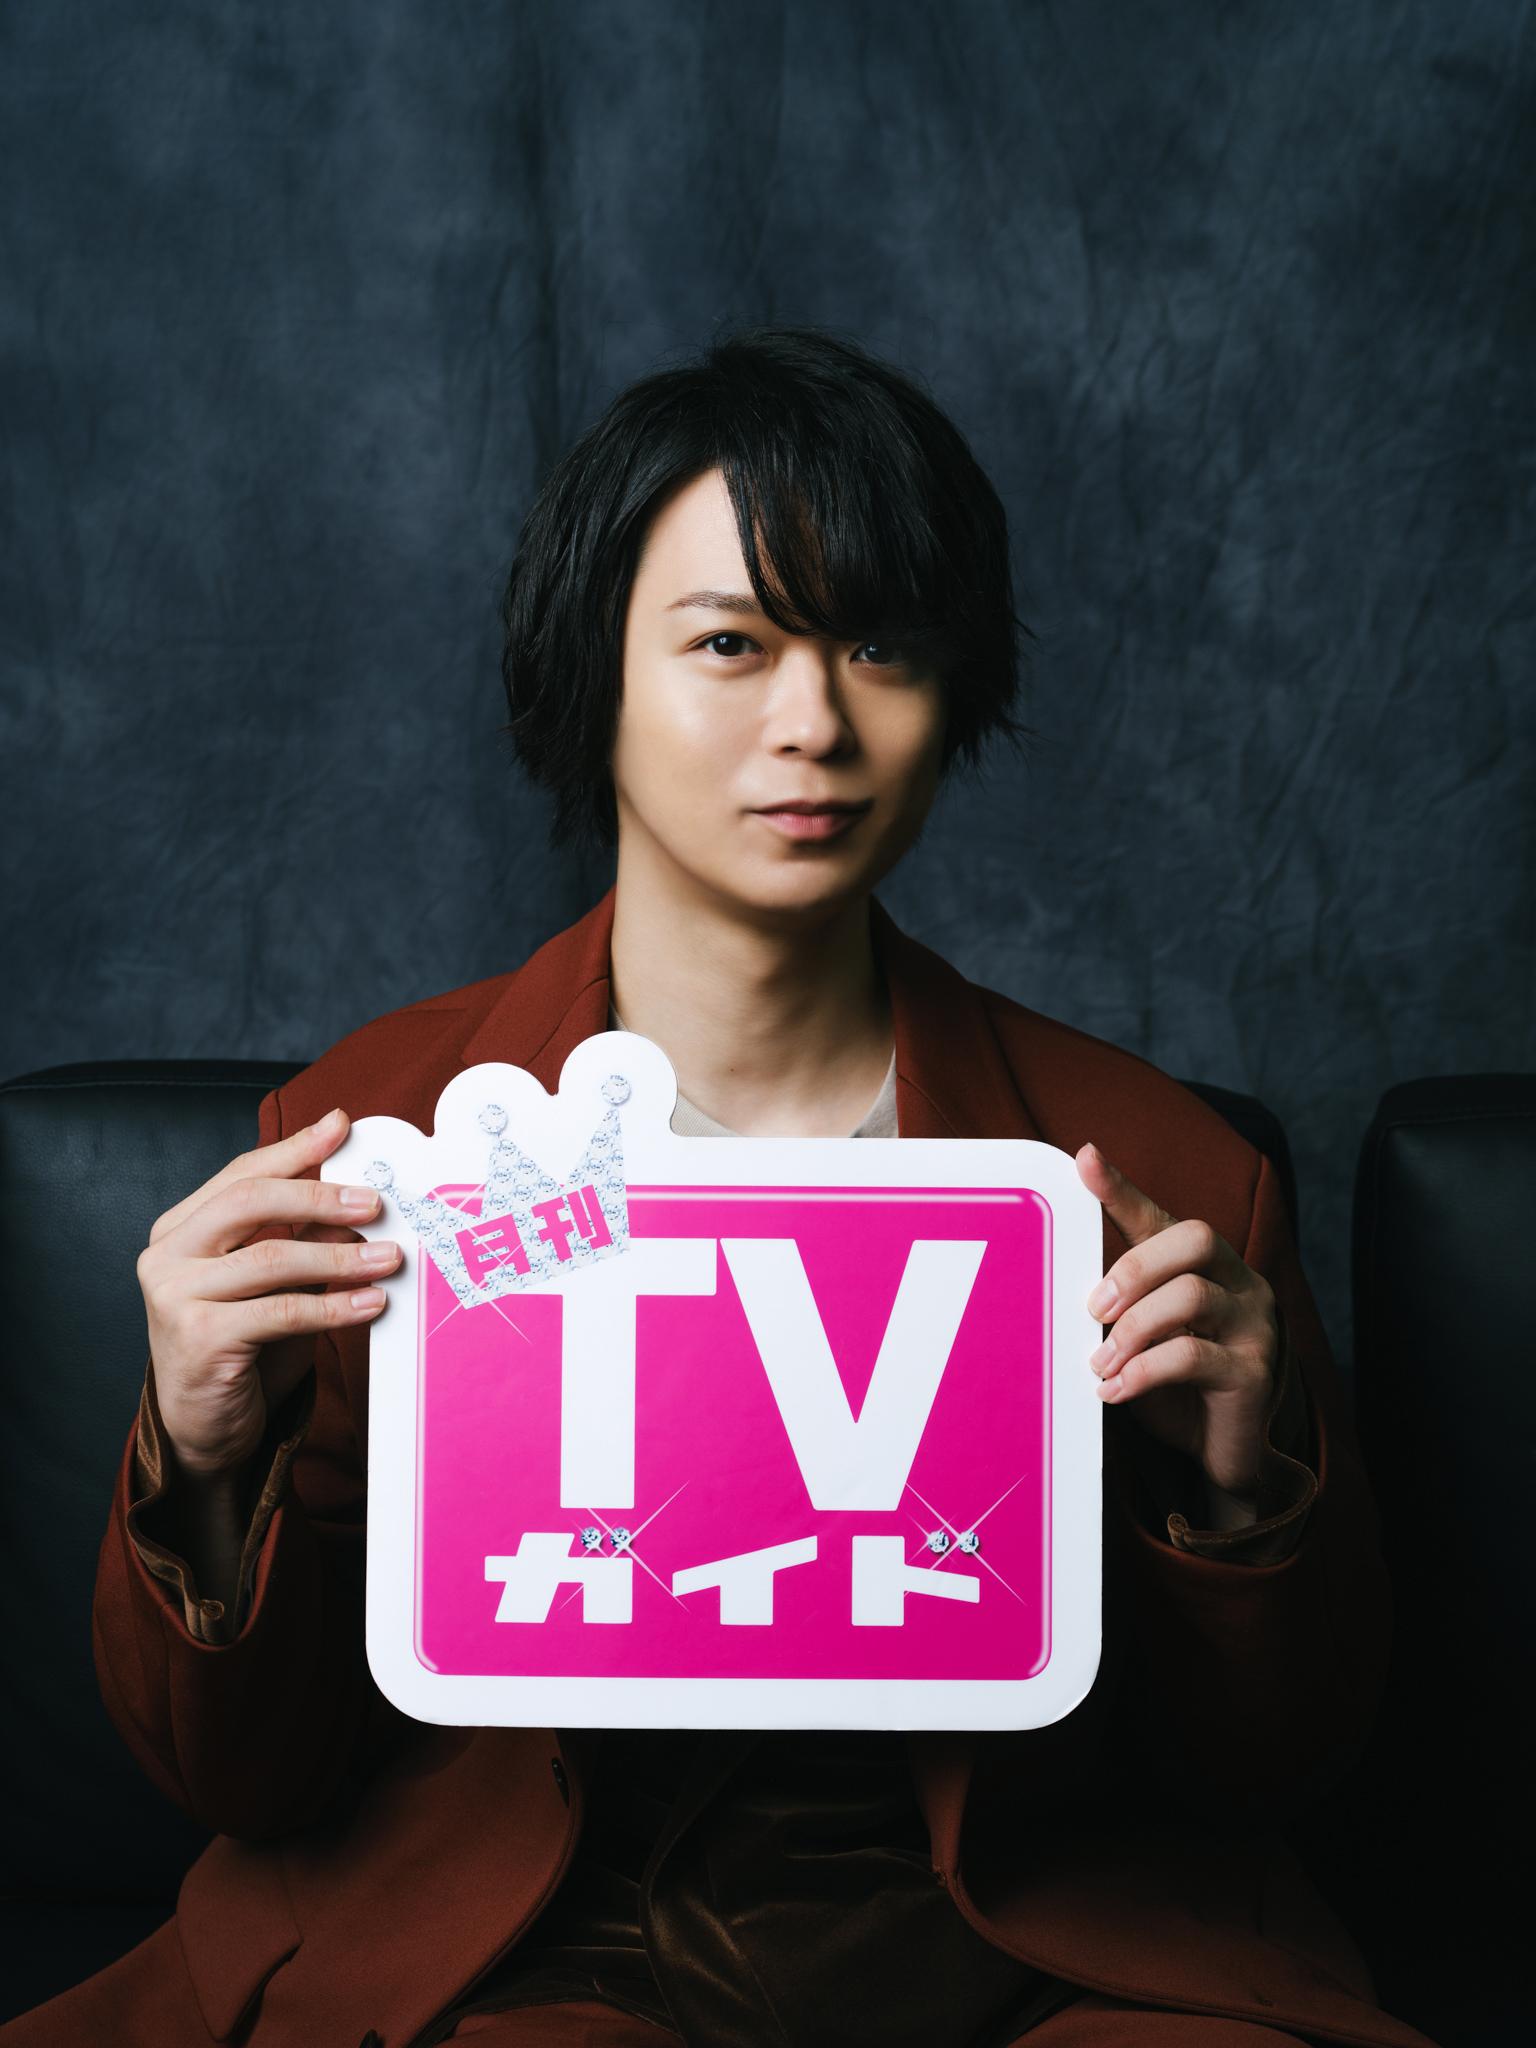 声優・土岐隼一さんが「月刊TVガイド12月号」に登場!朝・昼・夜の土岐さんが楽しめちゃう!